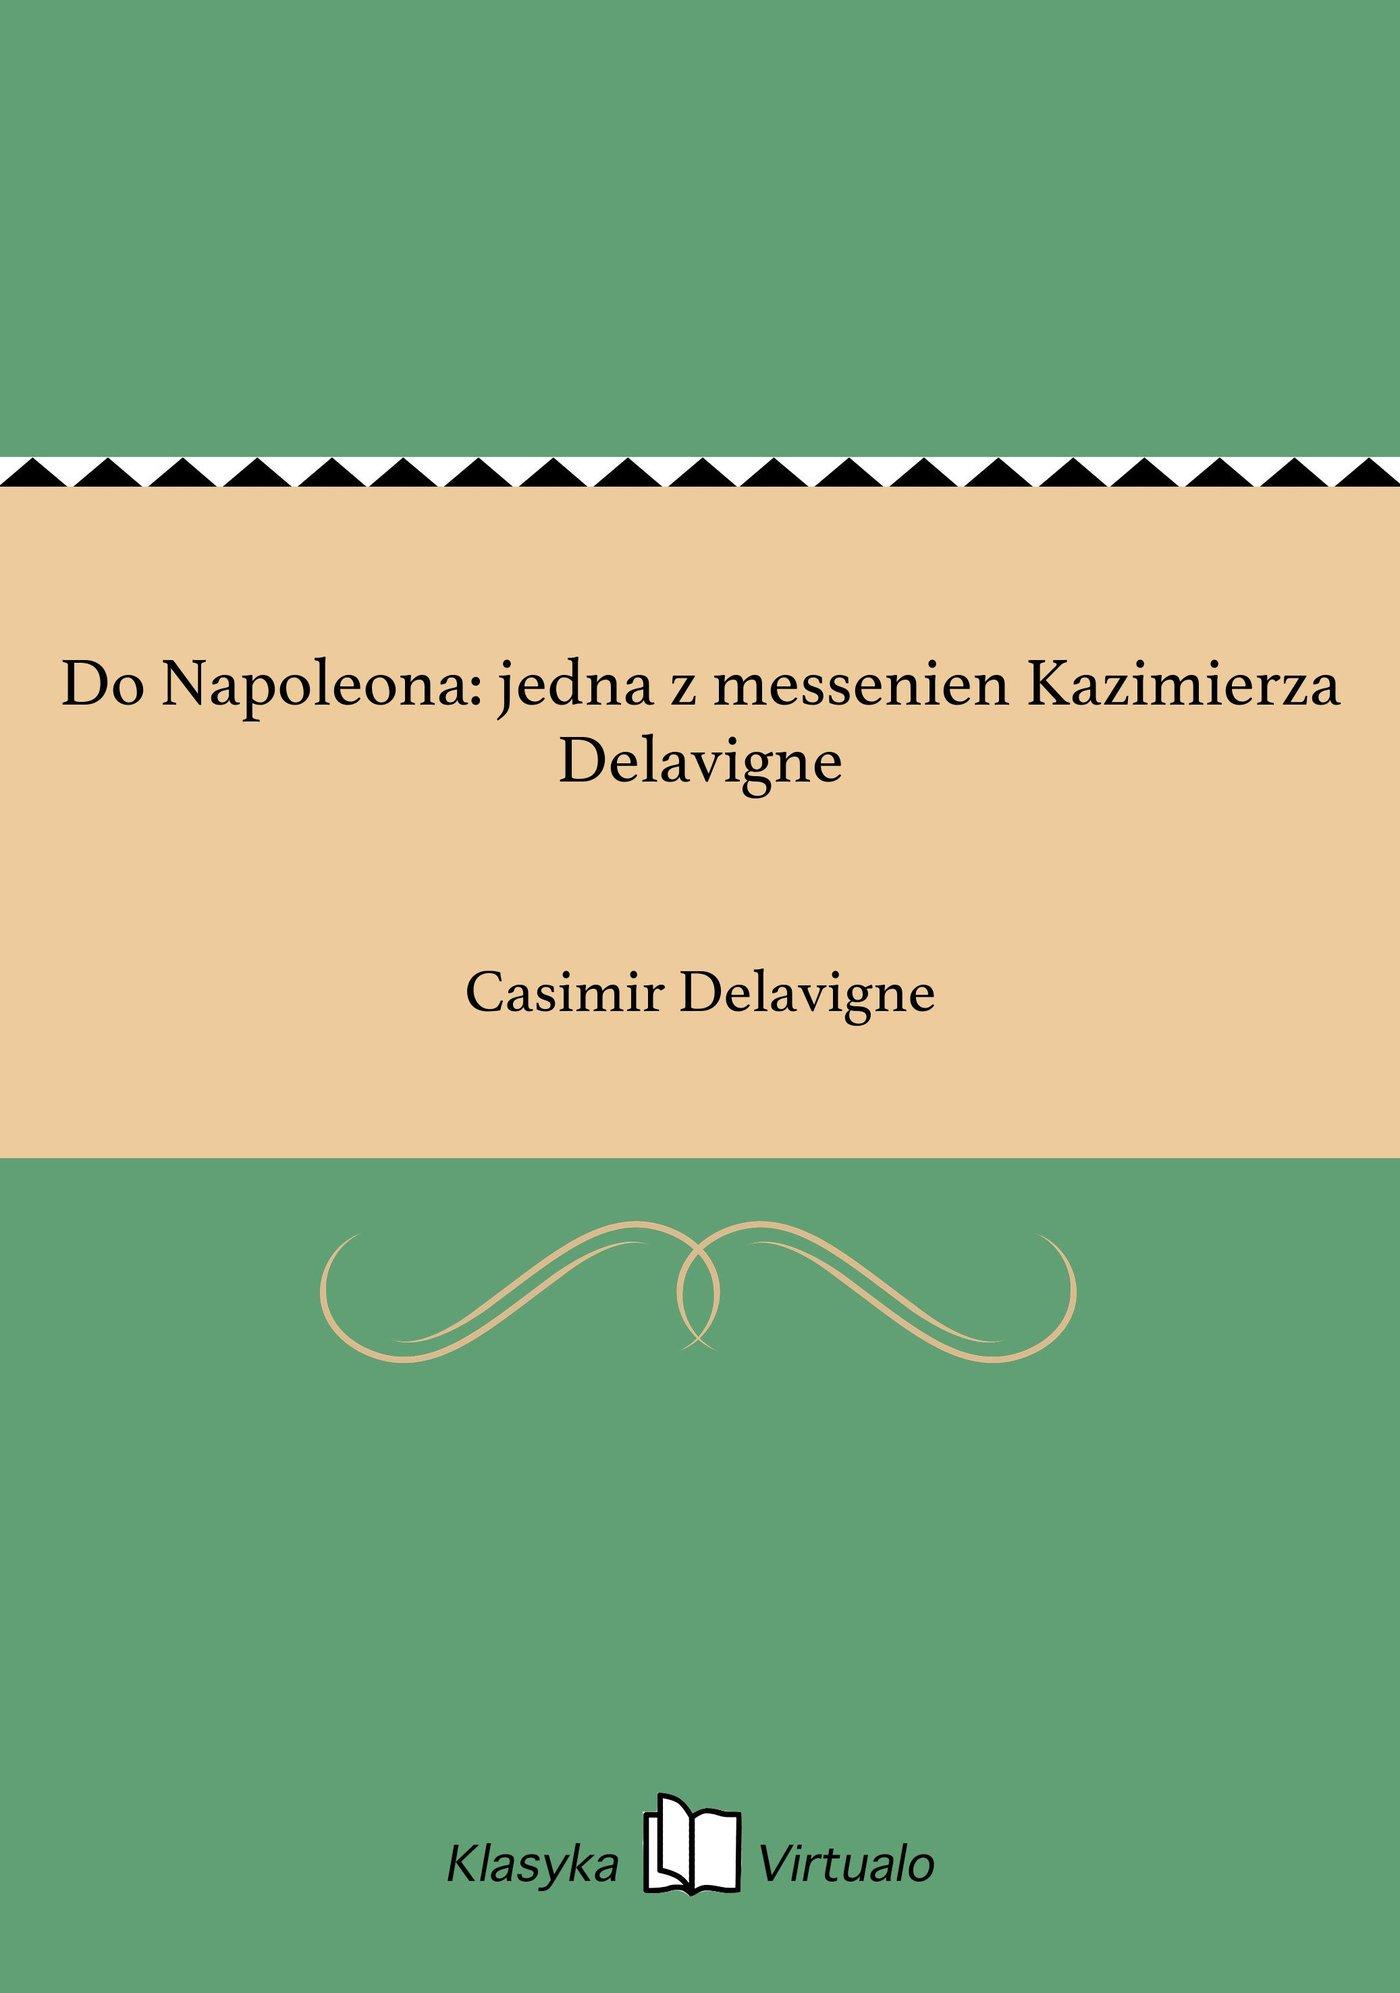 Do Napoleona: jedna z messenien Kazimierza Delavigne - Ebook (Książka na Kindle) do pobrania w formacie MOBI